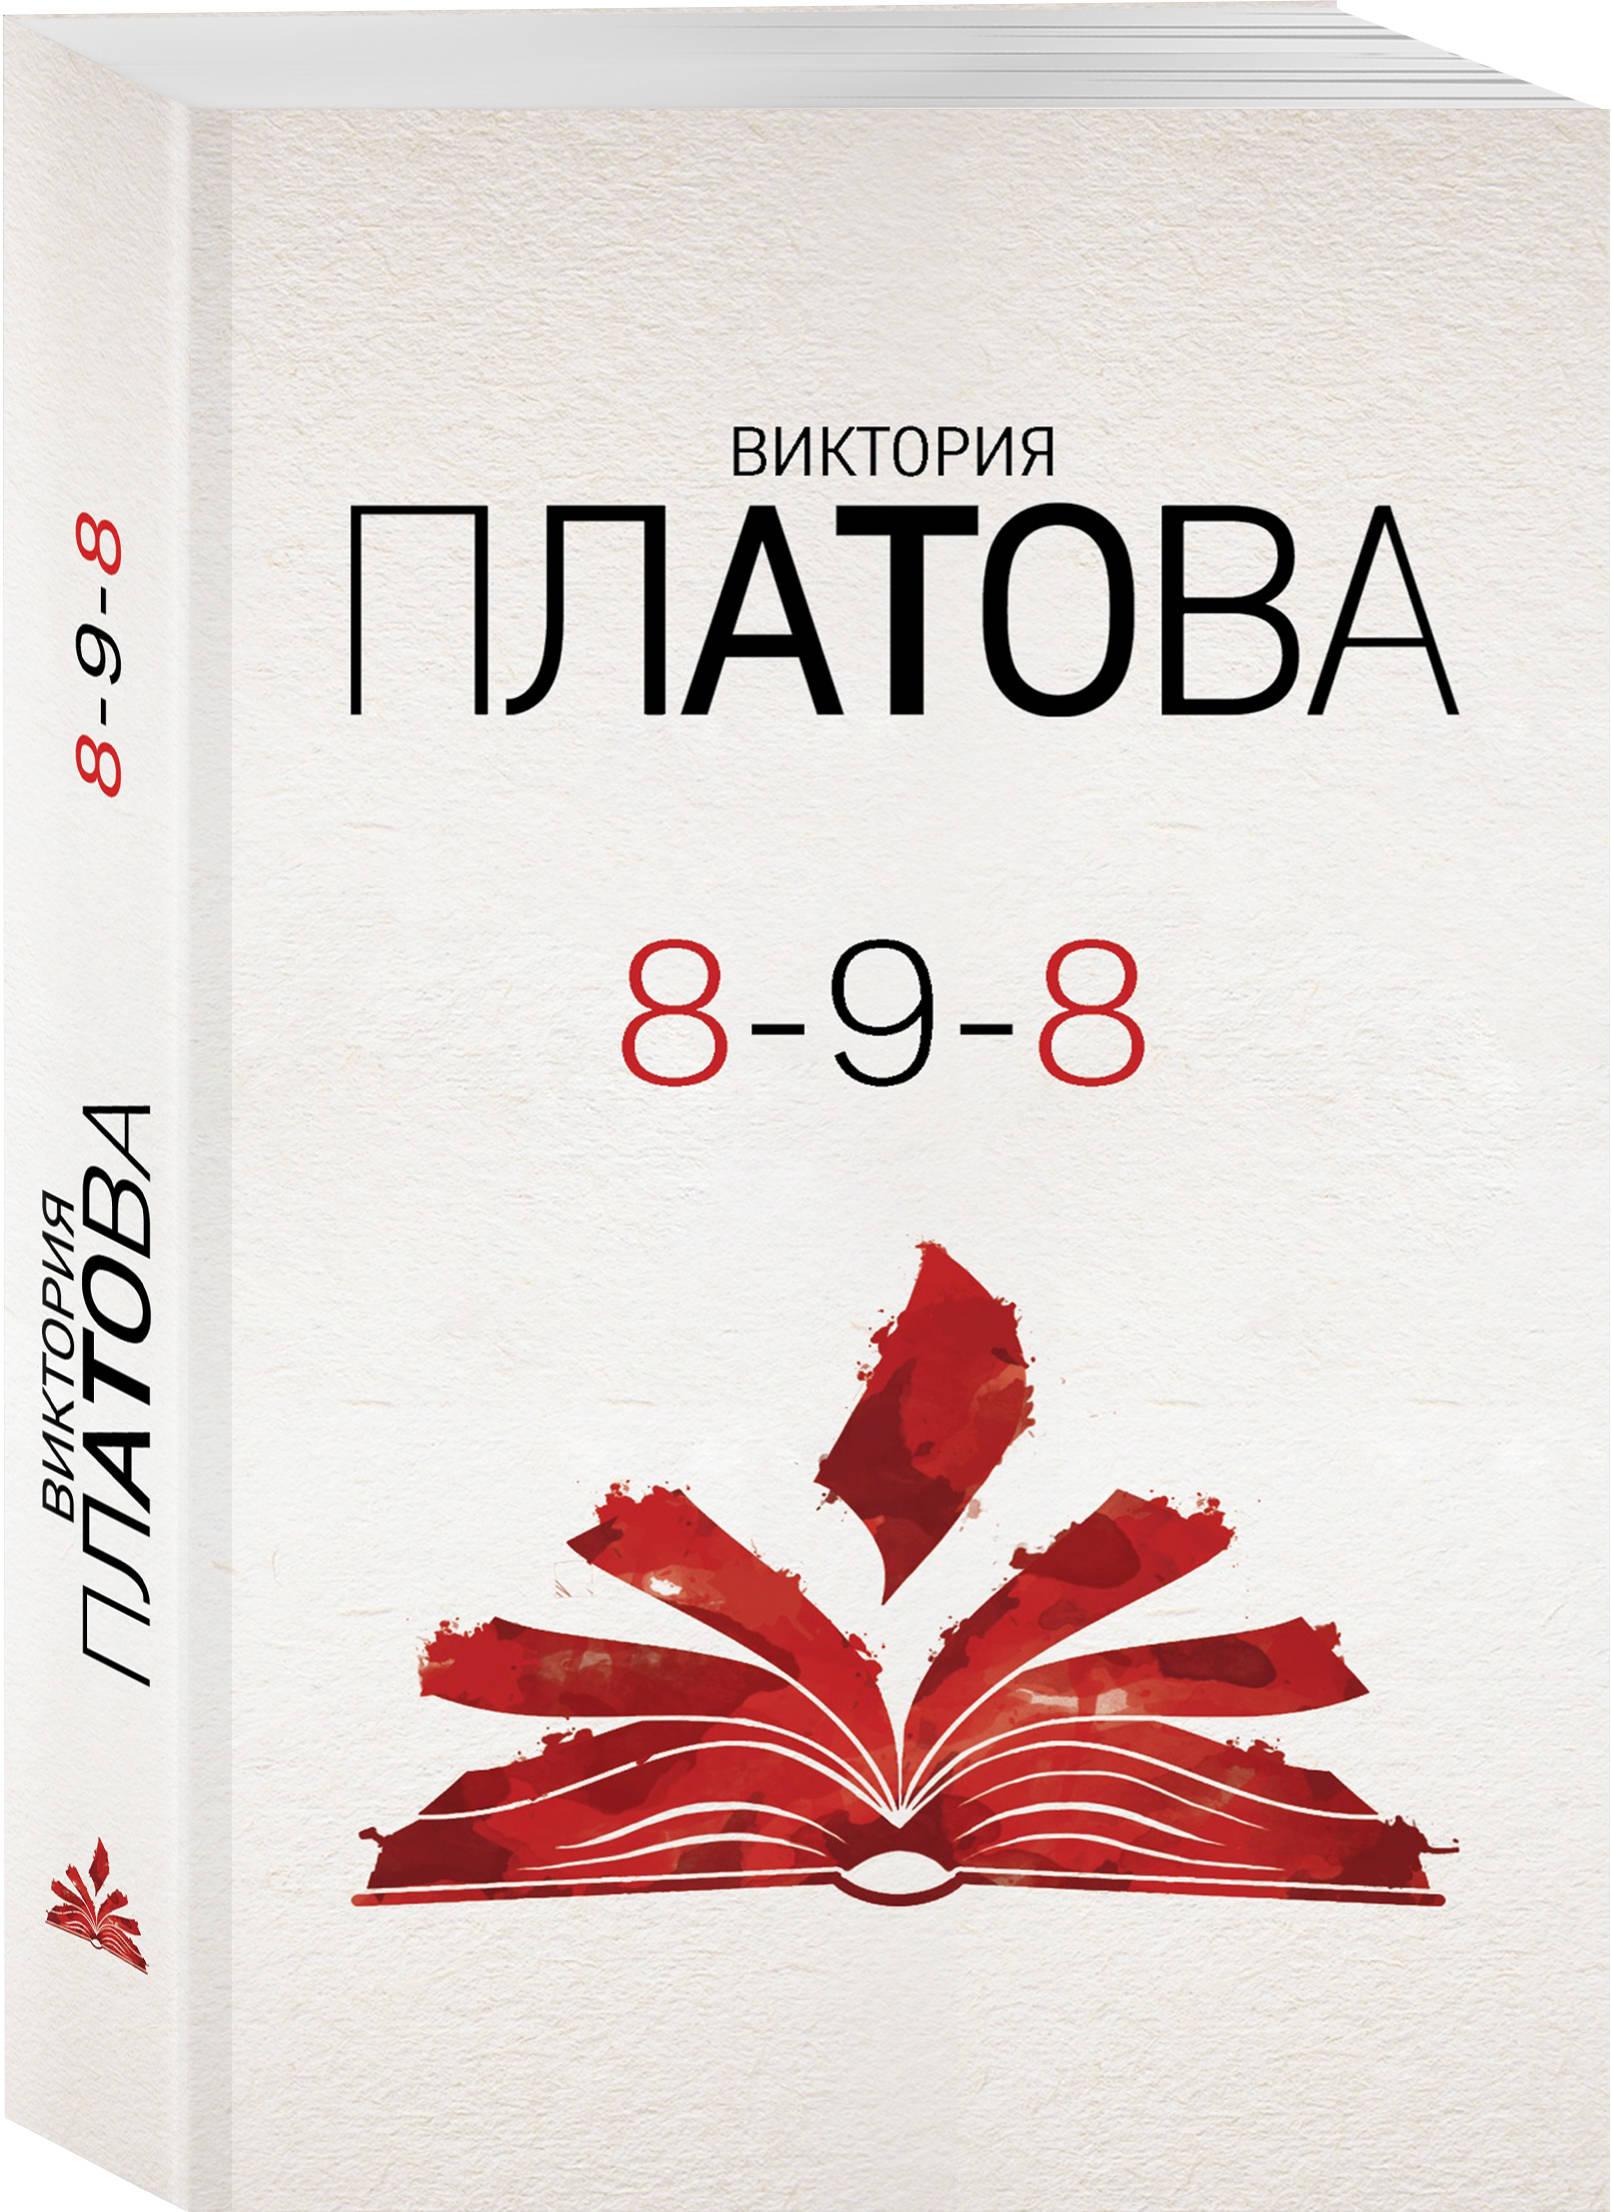 Виктория Платова 8-9-